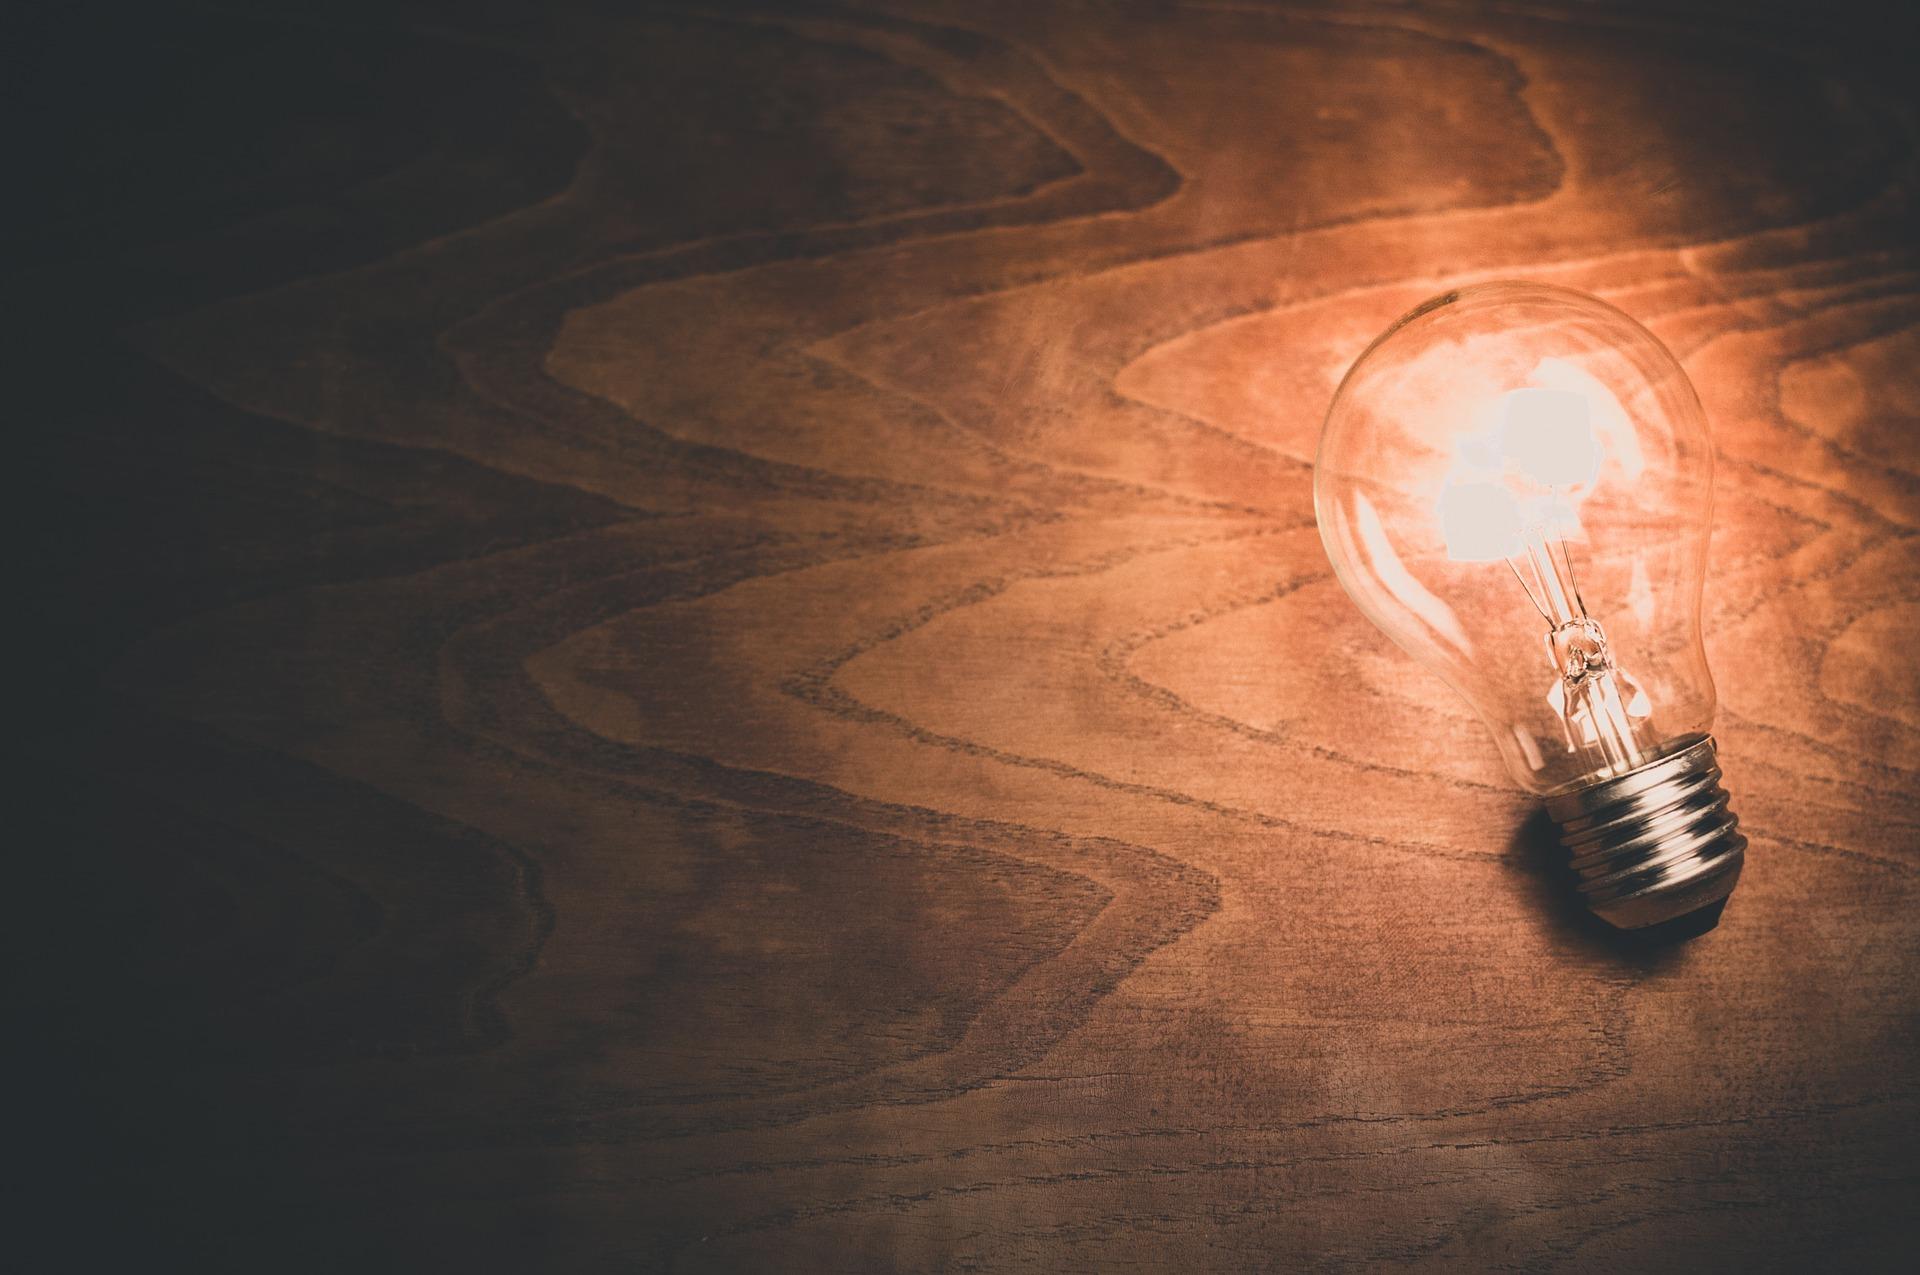 Électricité : la hausse de 5,9% confirmée par Rugy fait réagir les politiques